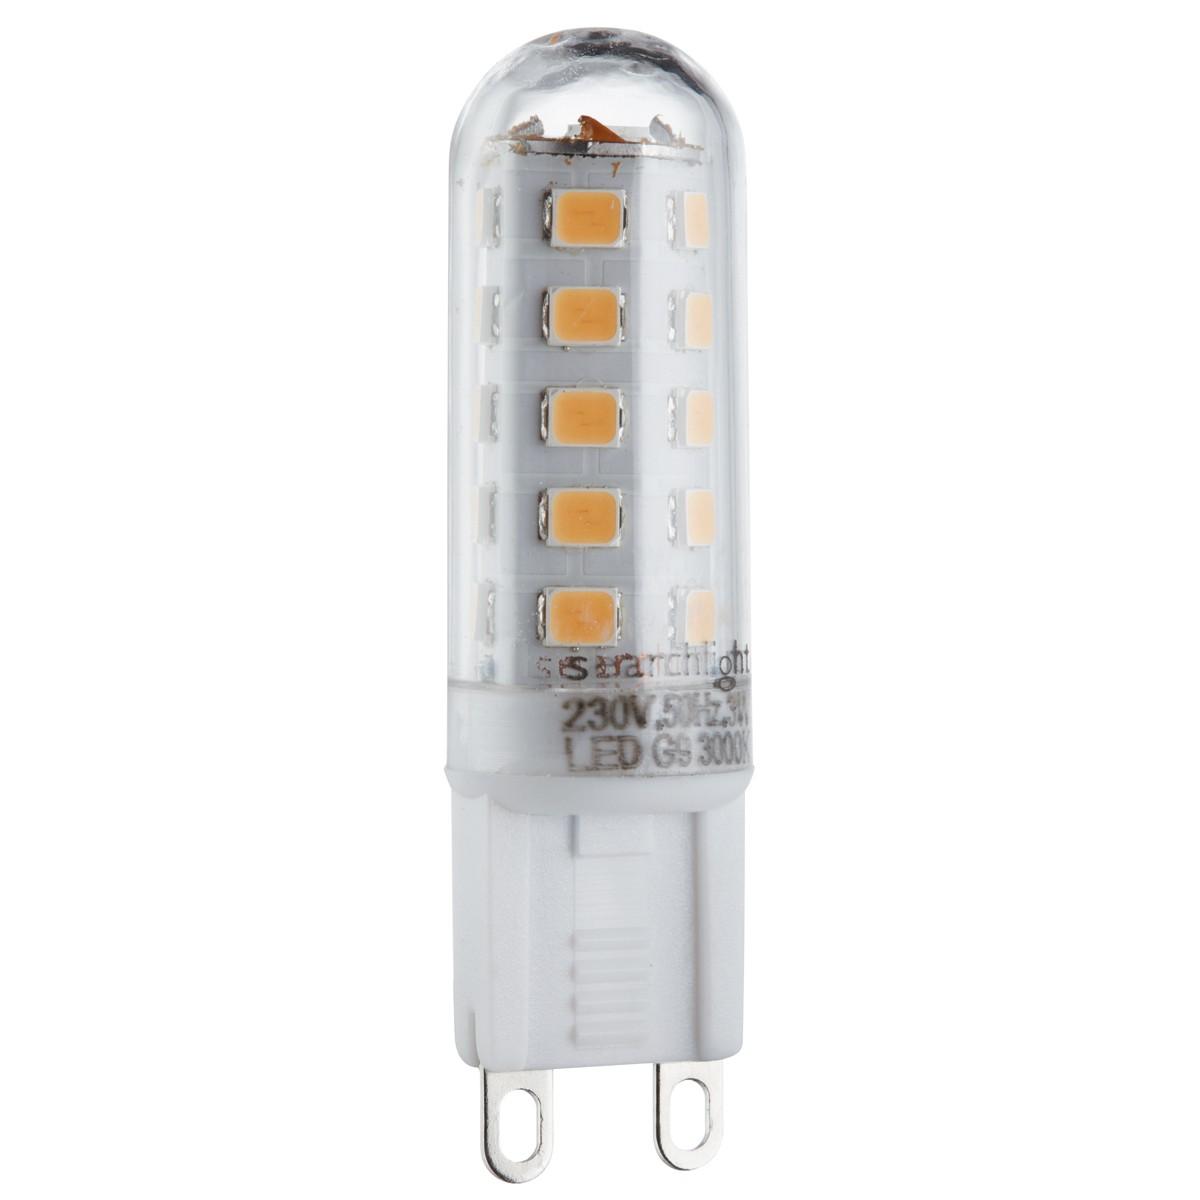 Comfy 3w G9 Led Bulb 300 Lumens G9 Led Bulb Lowes G9 Led Bulb 40w Equivalent houzz 01 G9 Led Bulb